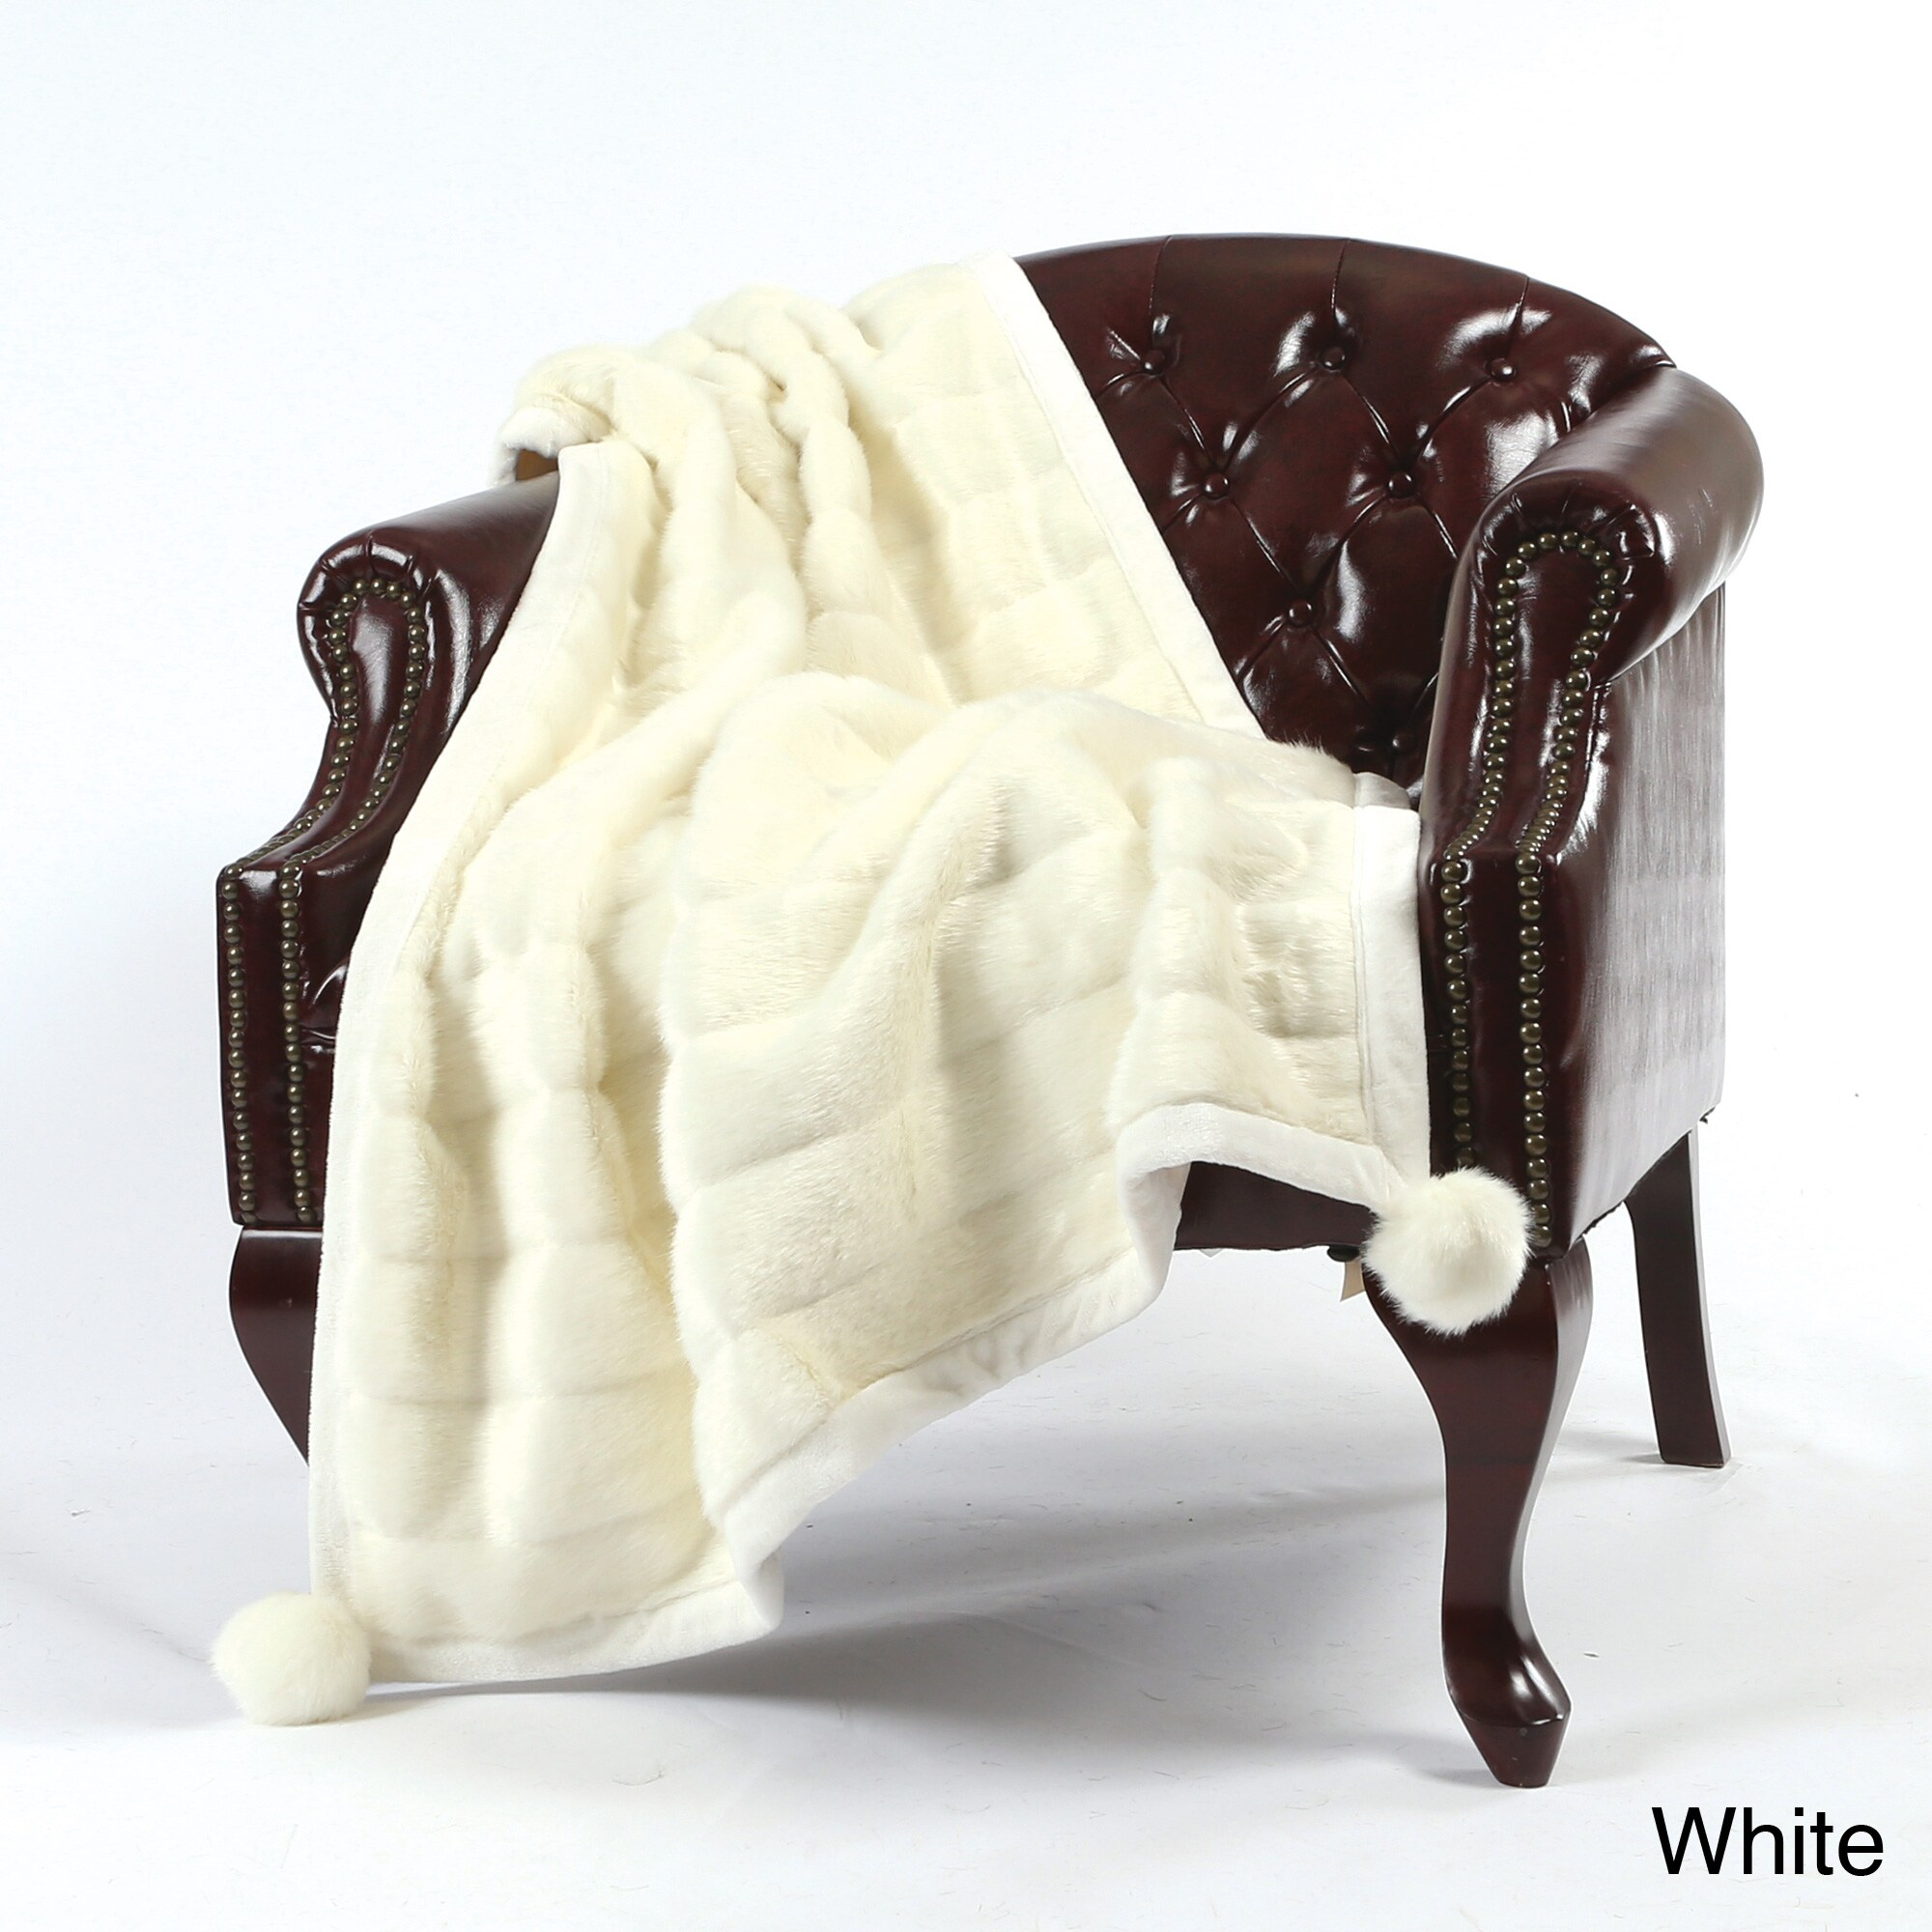 Aurora Home Mink Pom Pom Faux Fur 54 x 36 Throw (Off Whit...